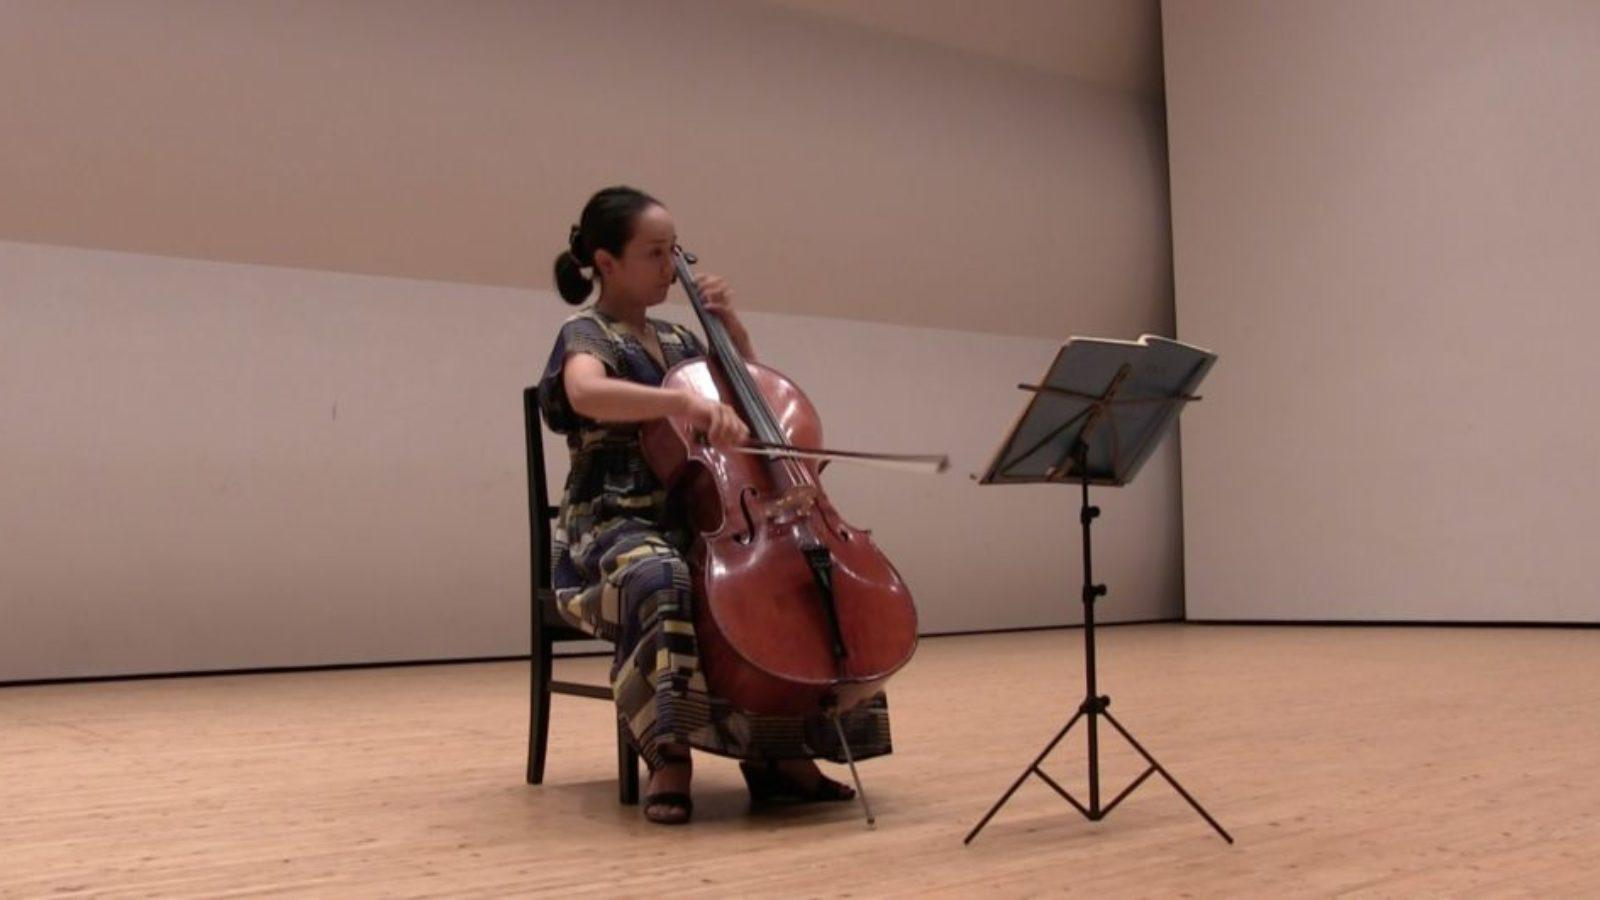 【チェロの構え方】正しいフォームで演奏しよう!女性・体が大きい小さい方におすすめの構え方【基本は胸と足ではさむ】